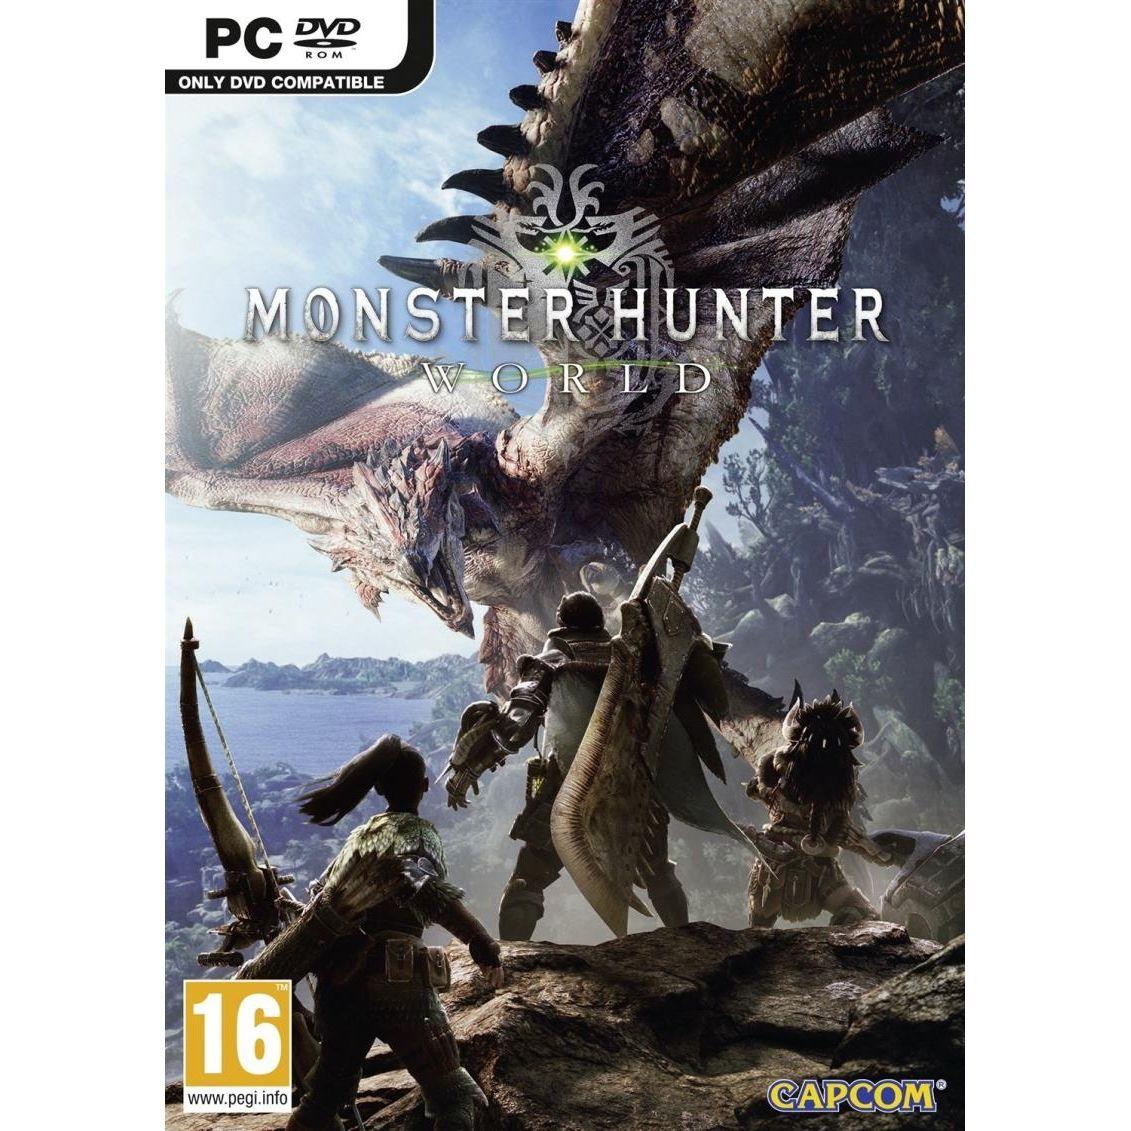 Monster Hunter World - PC